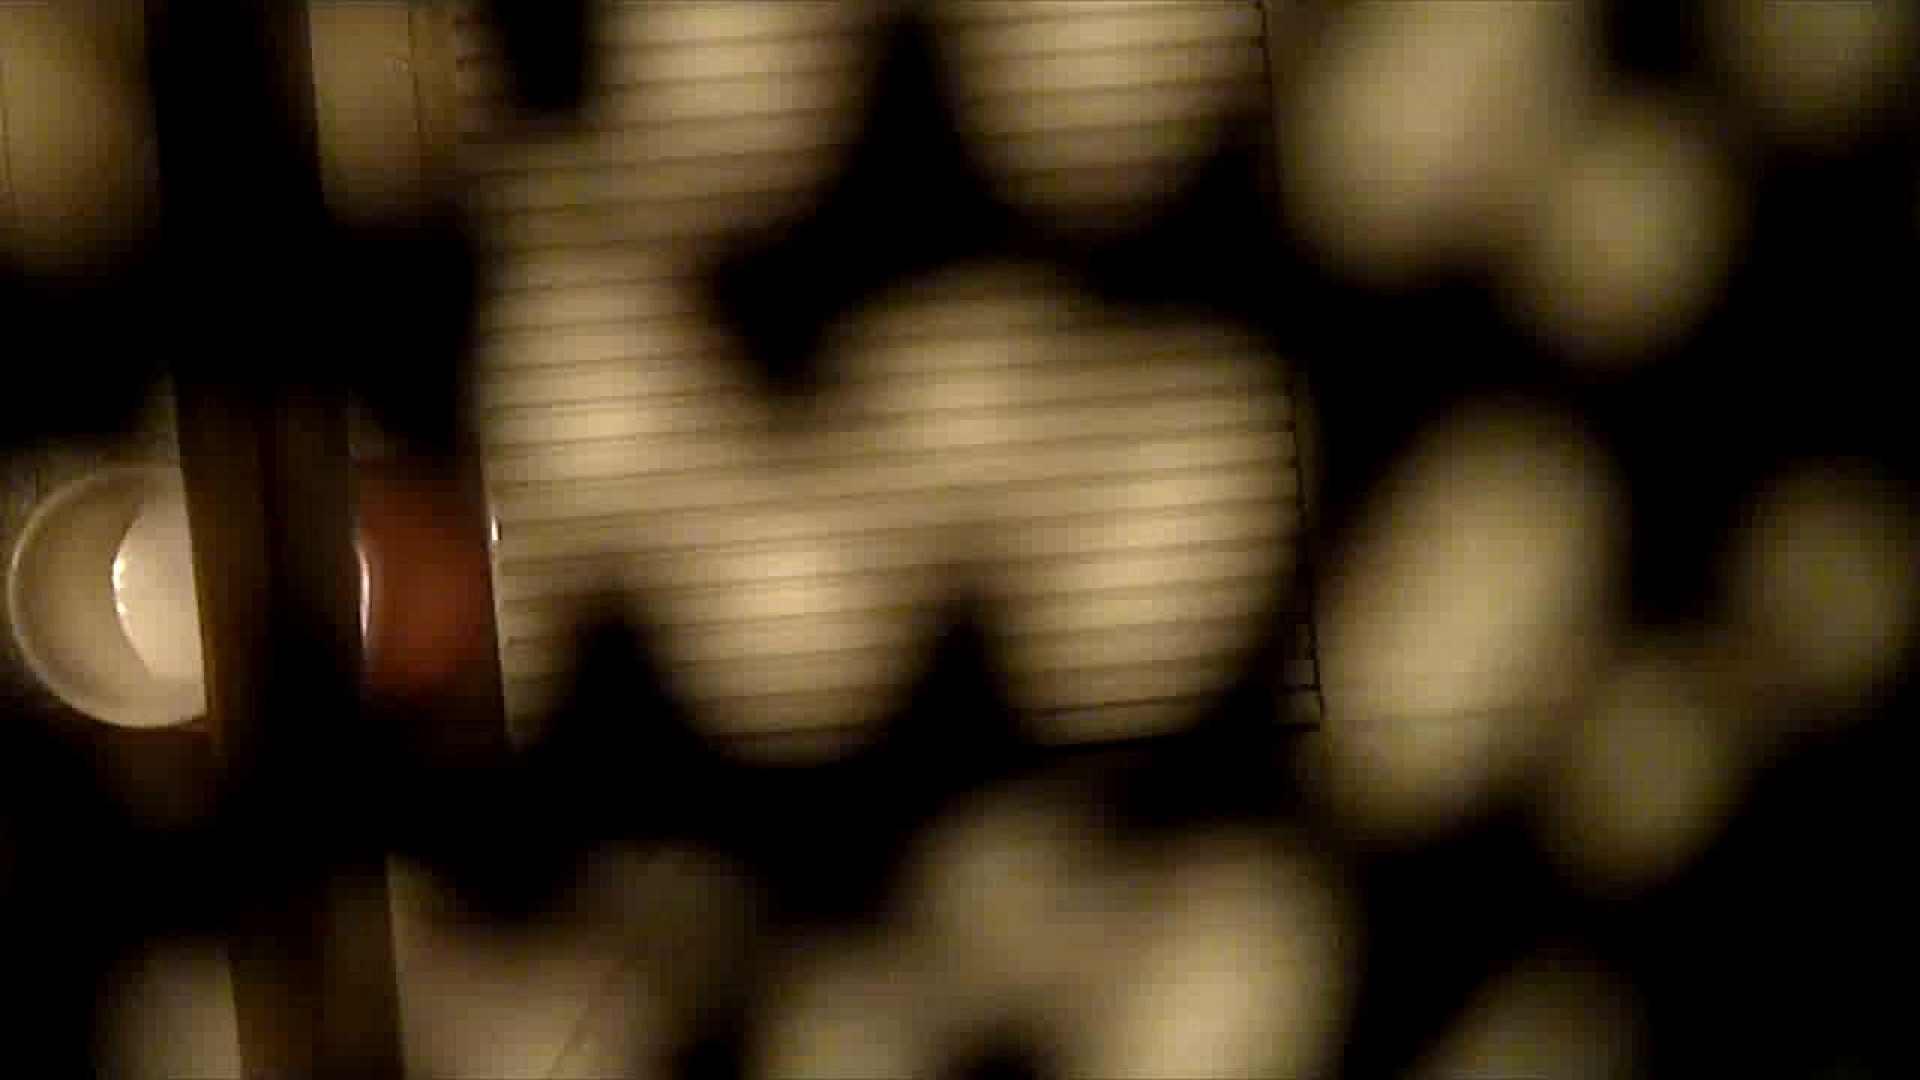 vol.1 Mayumi 窓越しに入浴シーン撮影に成功 入浴中の女性   OLのボディ  57PIX 43